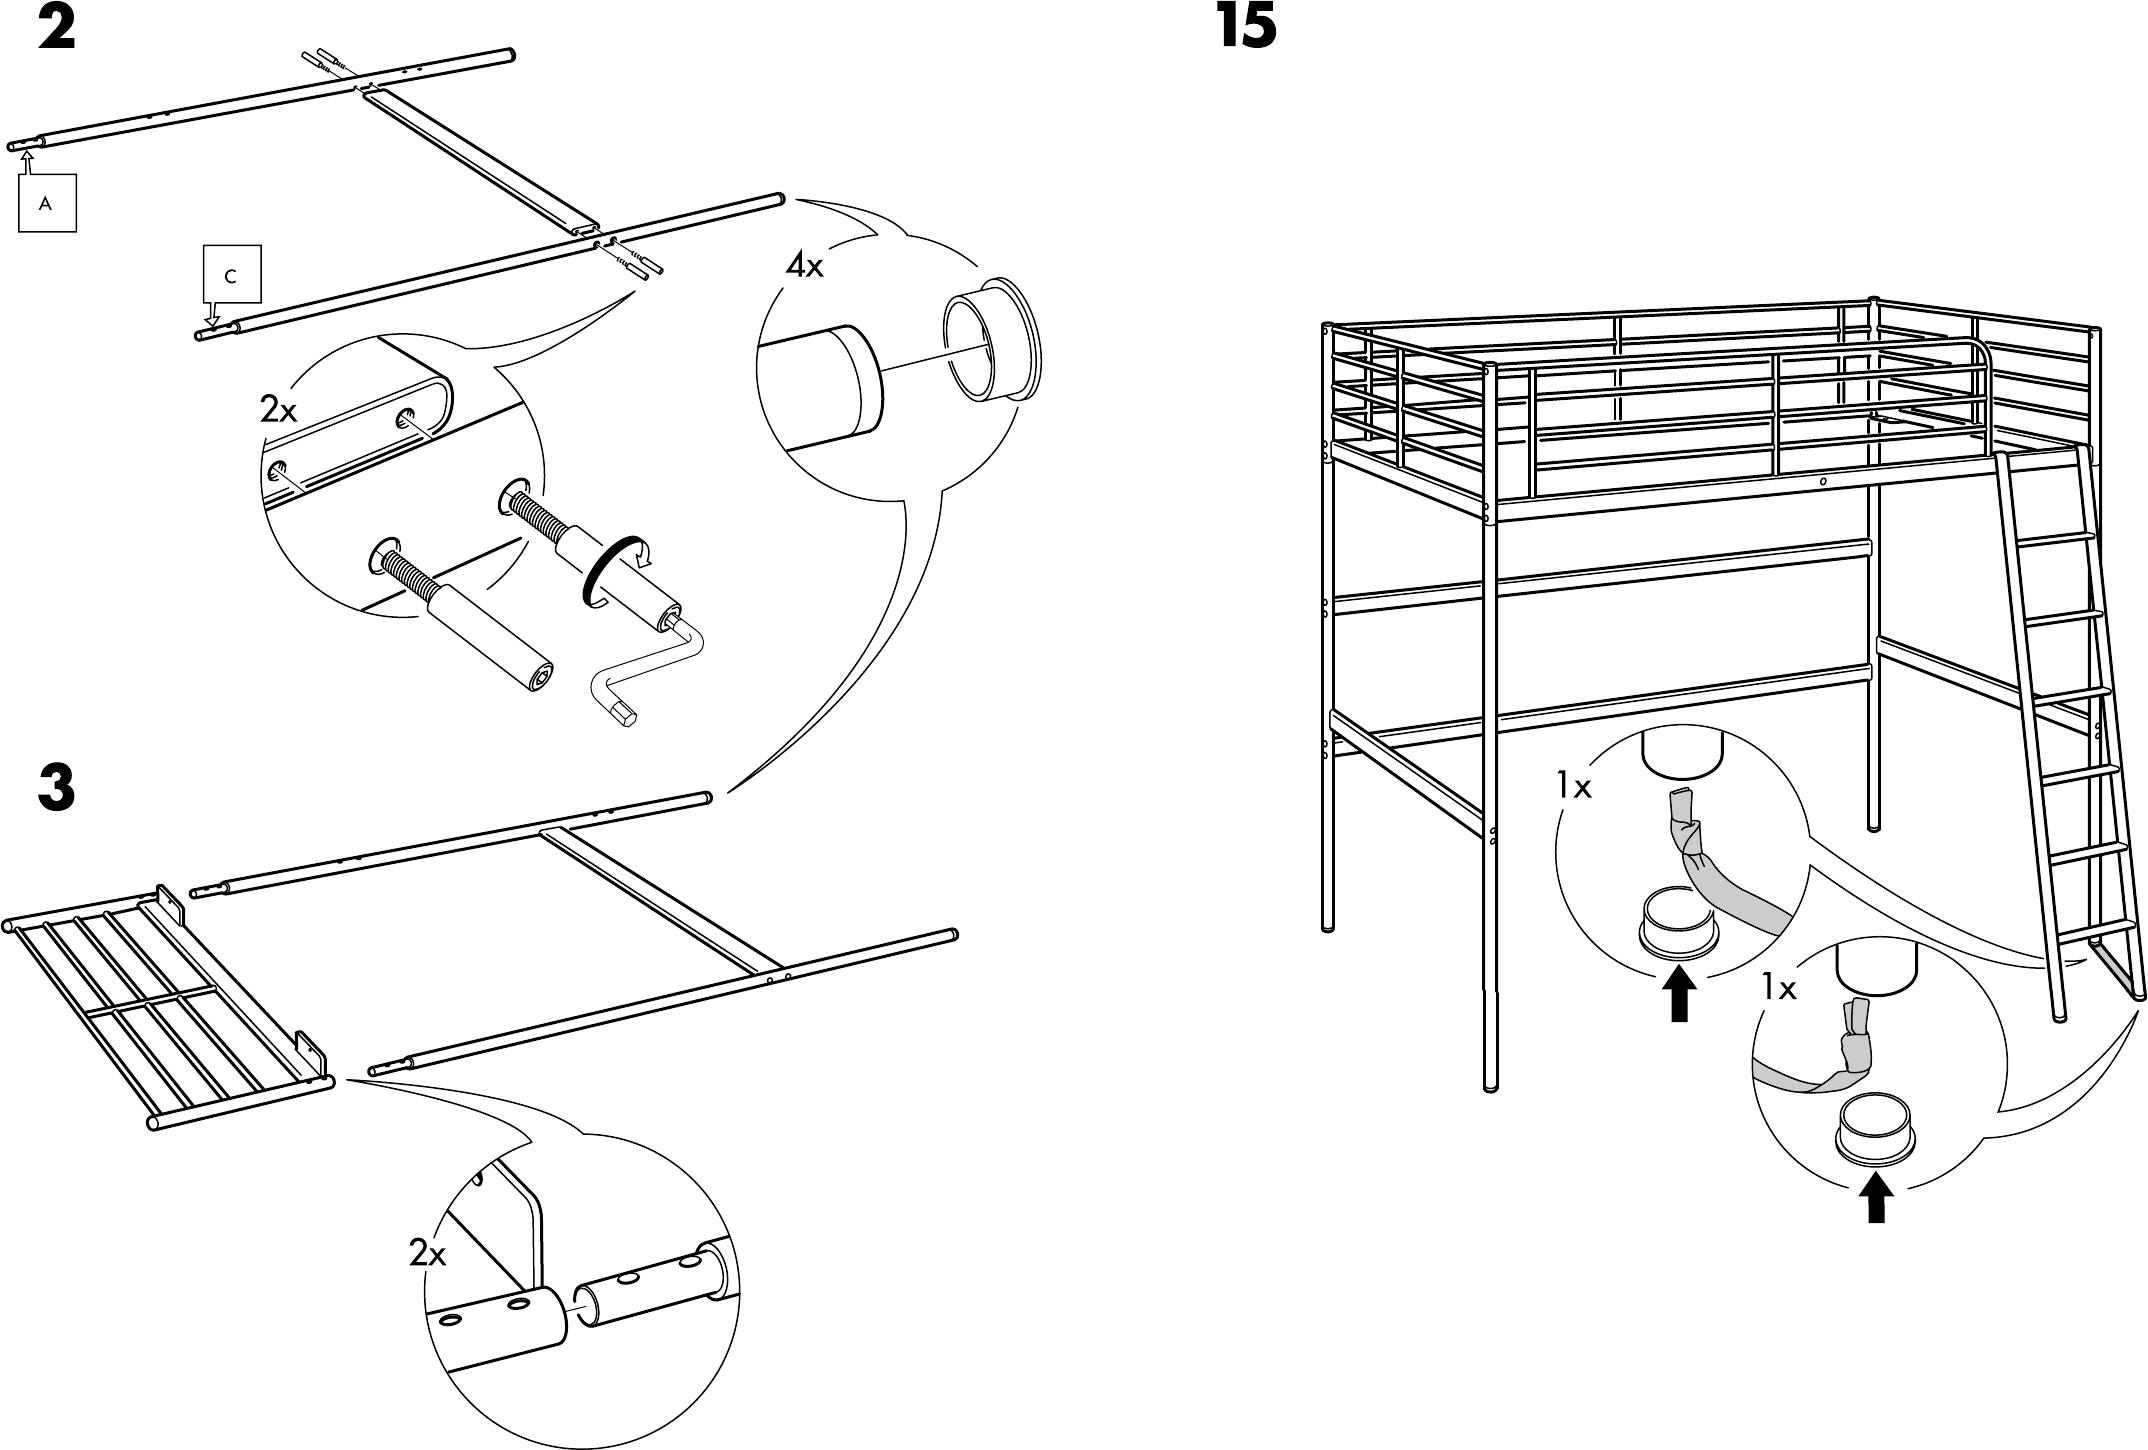 Ikea Vradal Halfhoogslaper.Handleiding Ikea Tromso Hoogslaper Pagina 4 Van 8 Dansk Deutsch